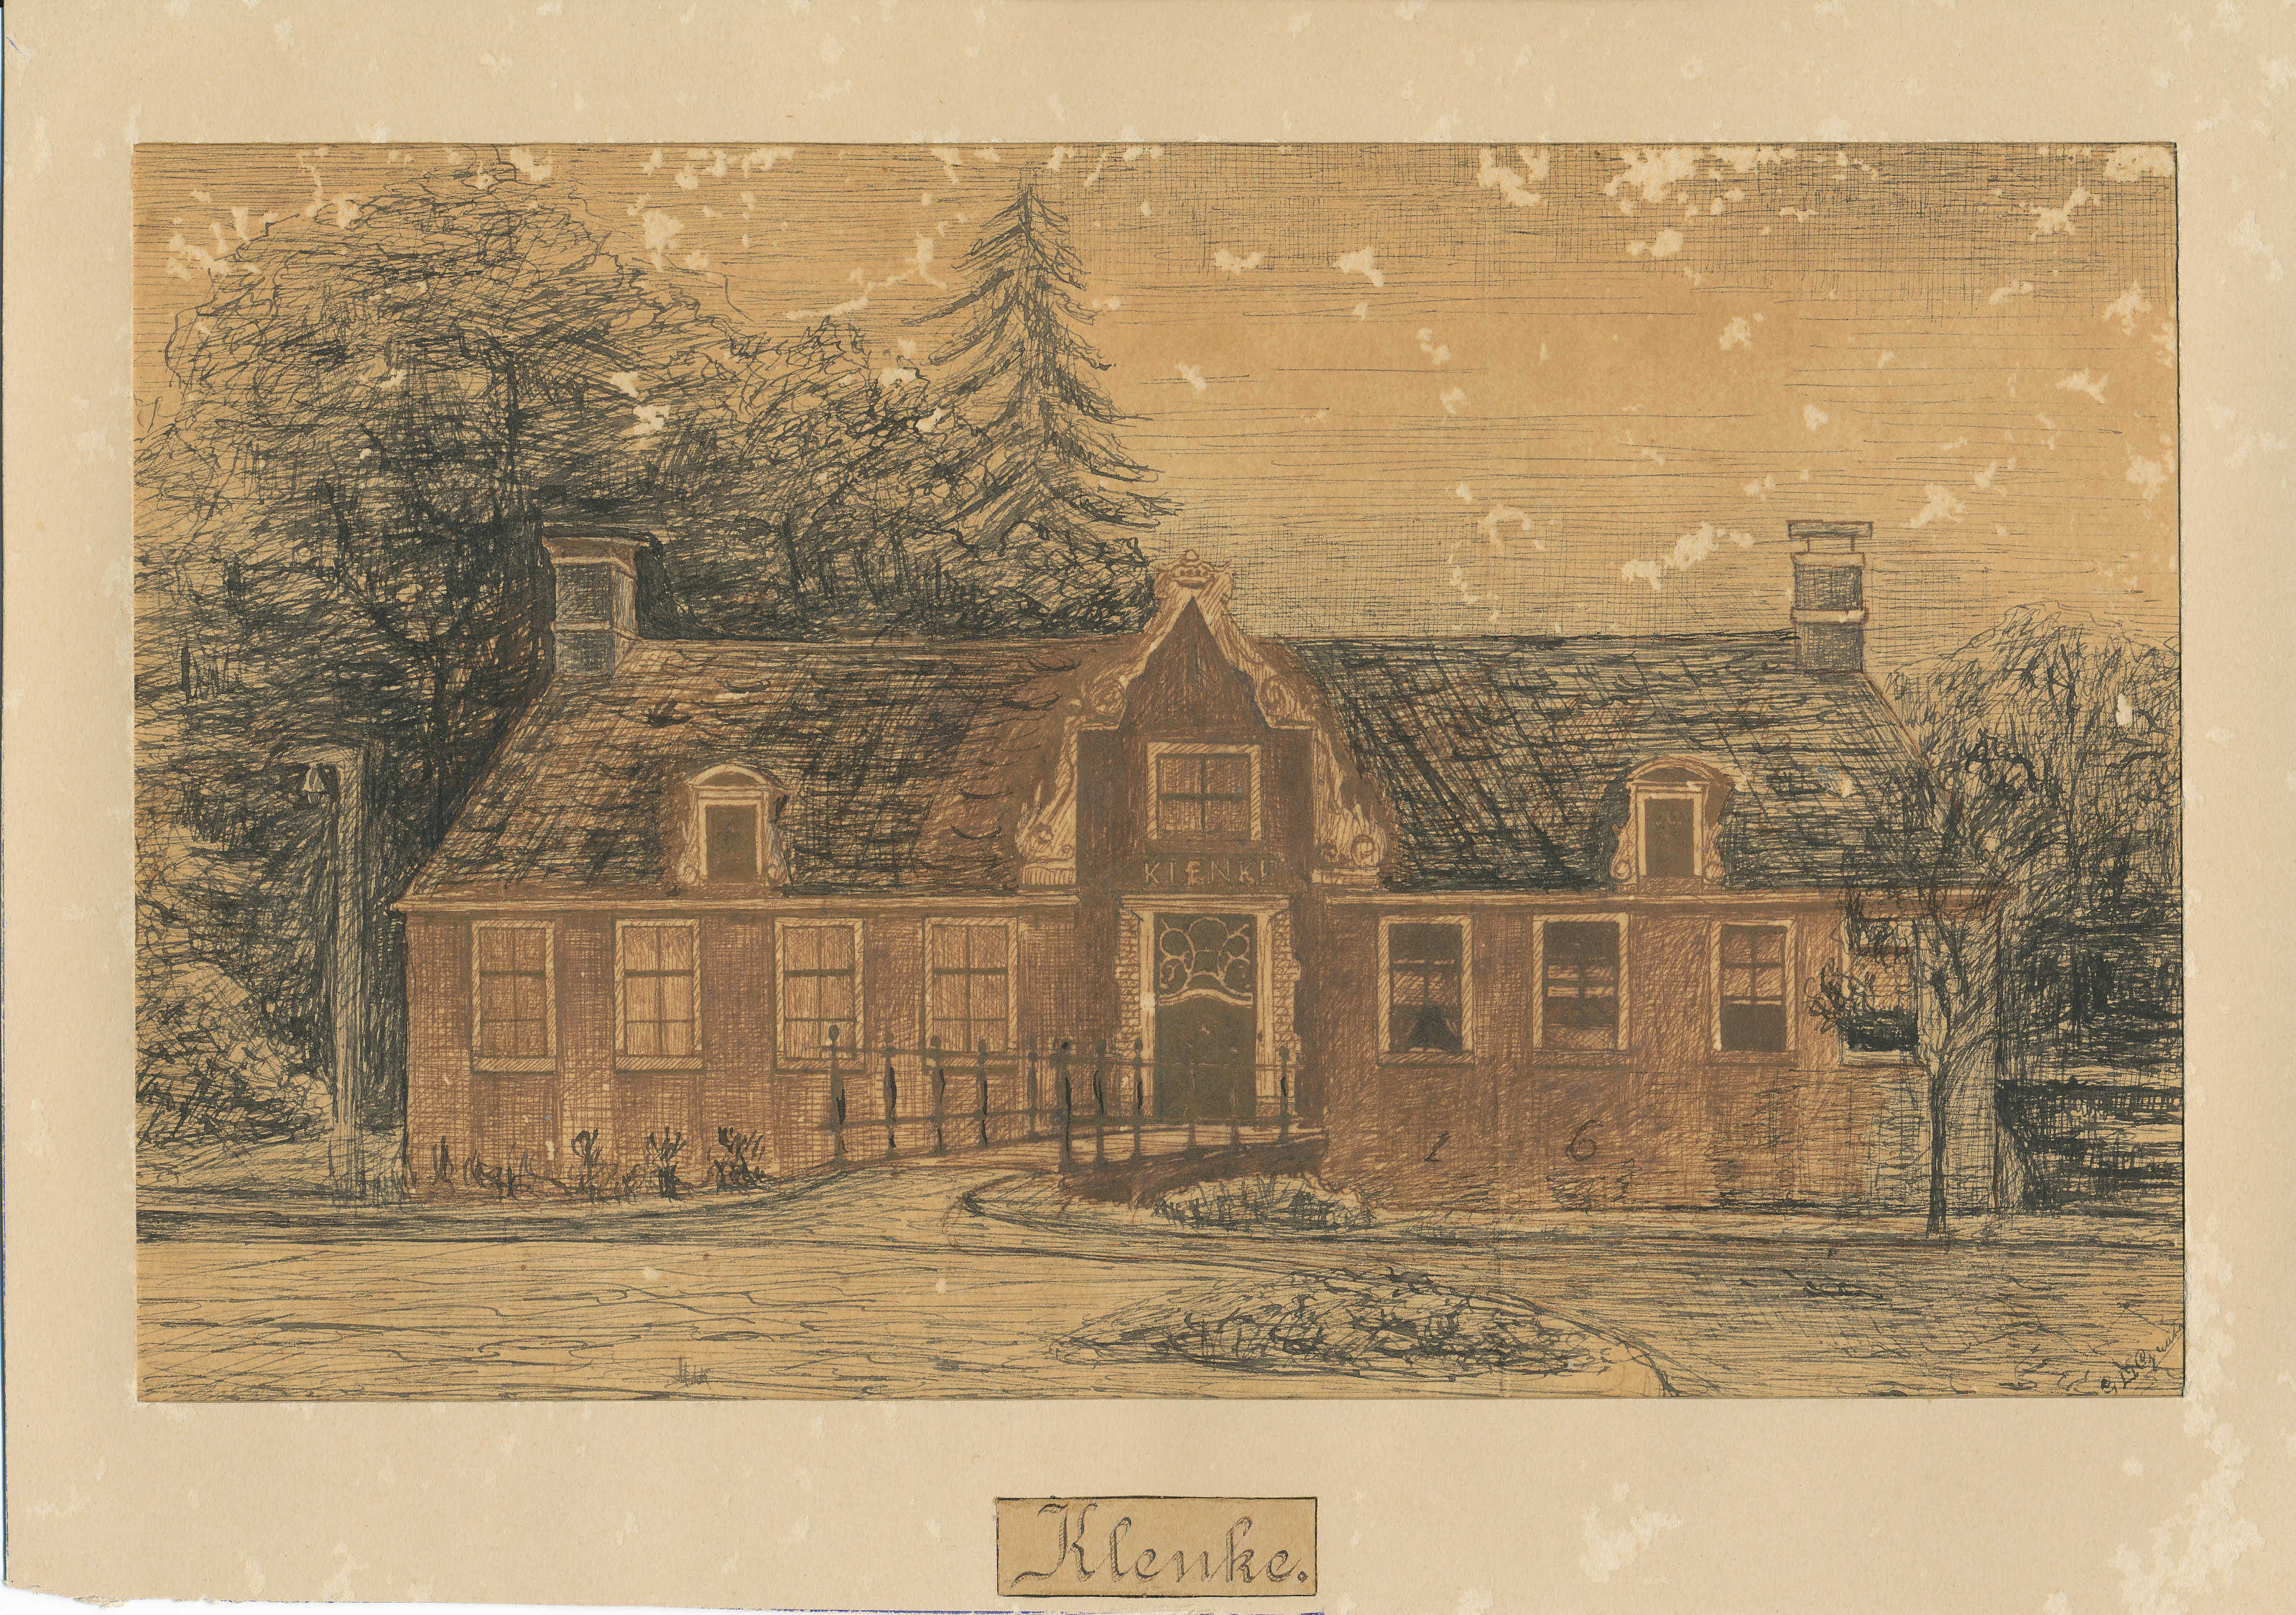 Historische vereniging Klenckerheugte